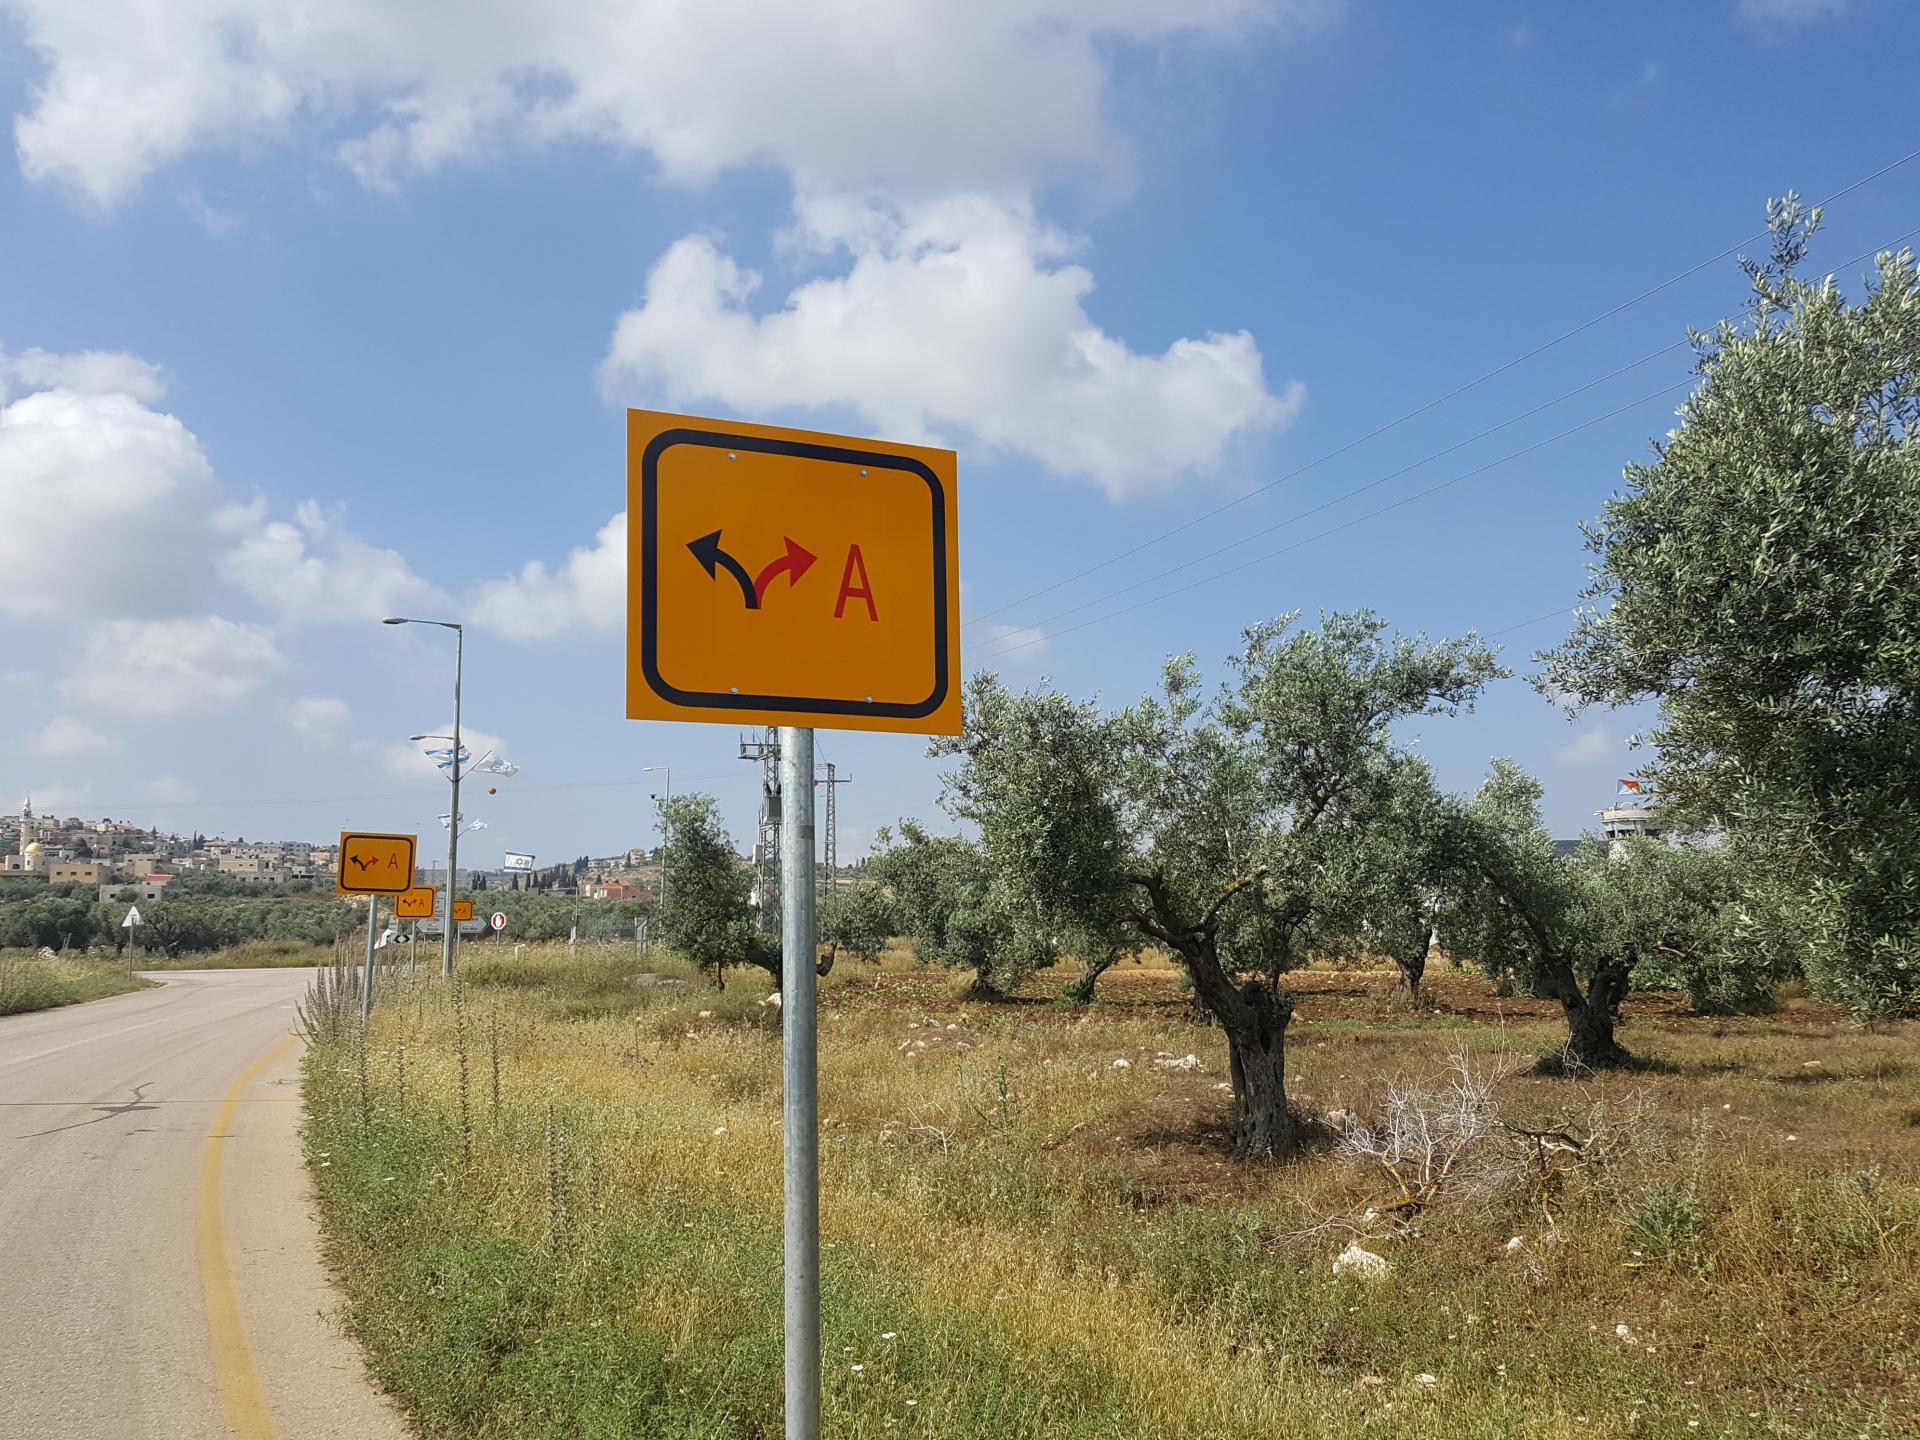 מחסום יעבד דותן - תמרורים חדשים לאורך הדרך מזהירים מפני כניסה לשטח A